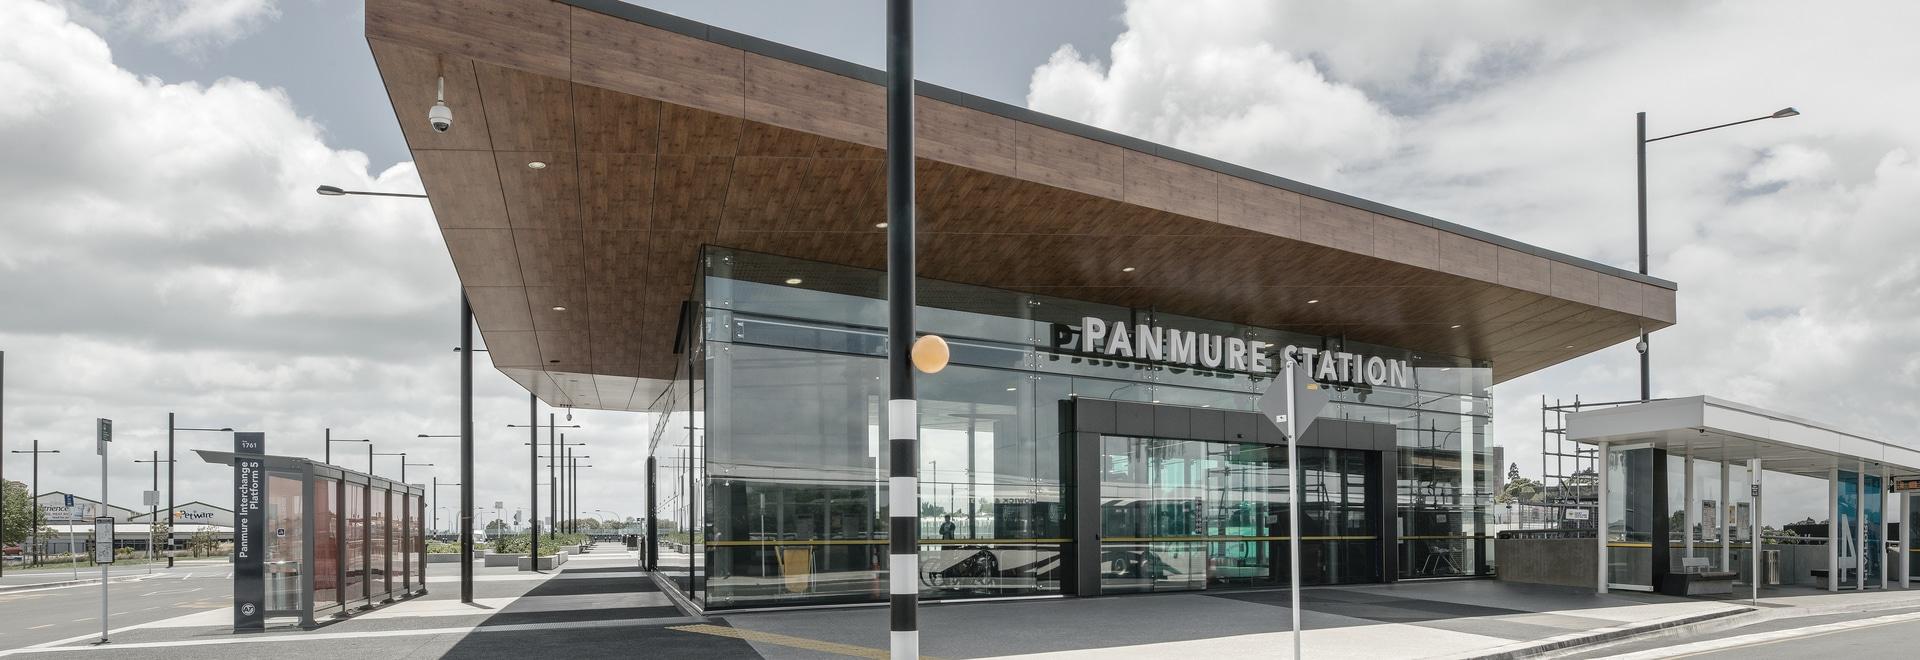 Laminam per la facciata arieggiata della stazione di Panmure a Auckland, Nuova Zelanda